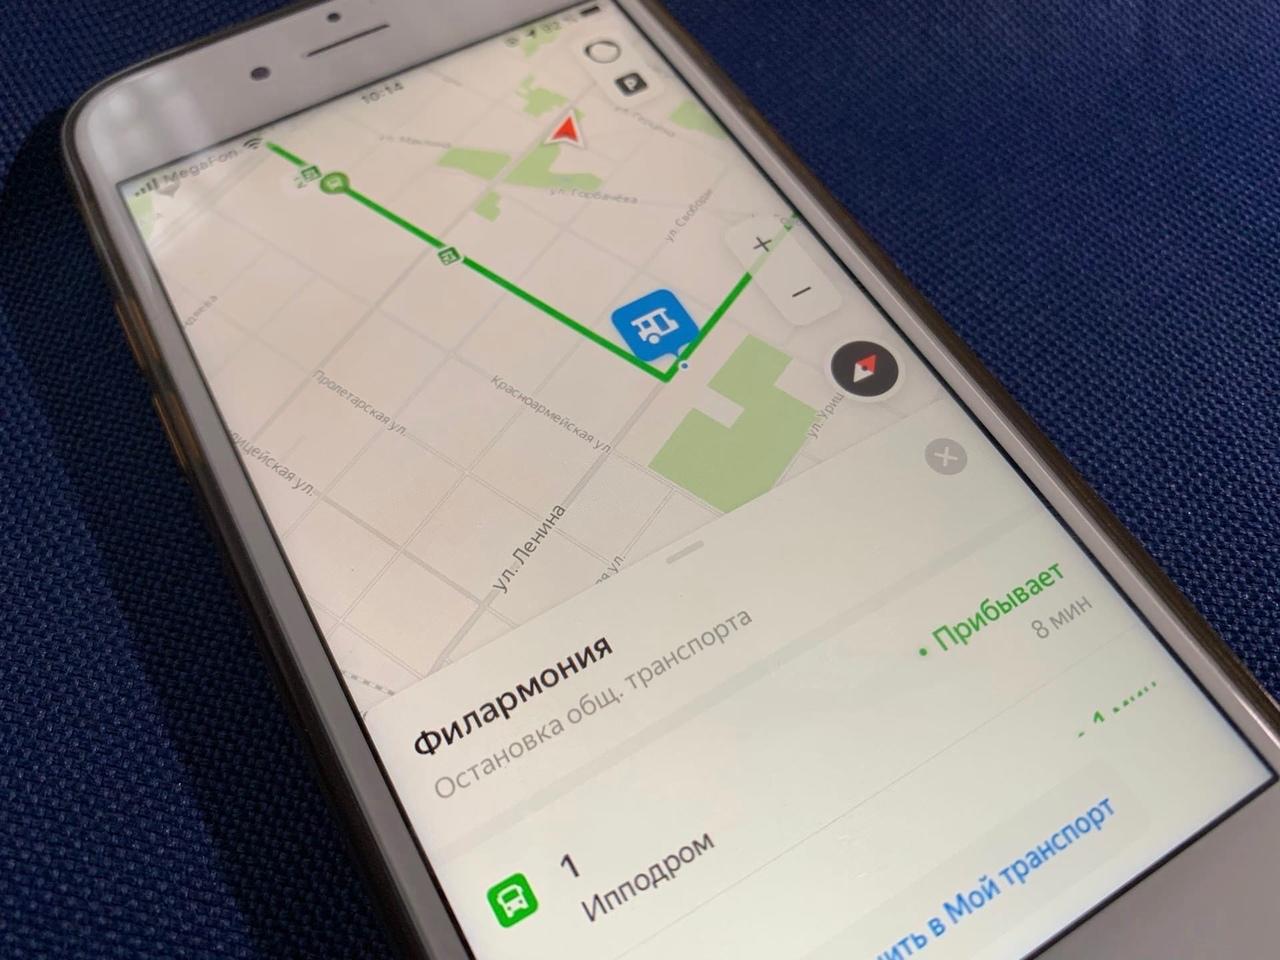 Яндекс.Карты начали отображать движение кировского общественного транспорта